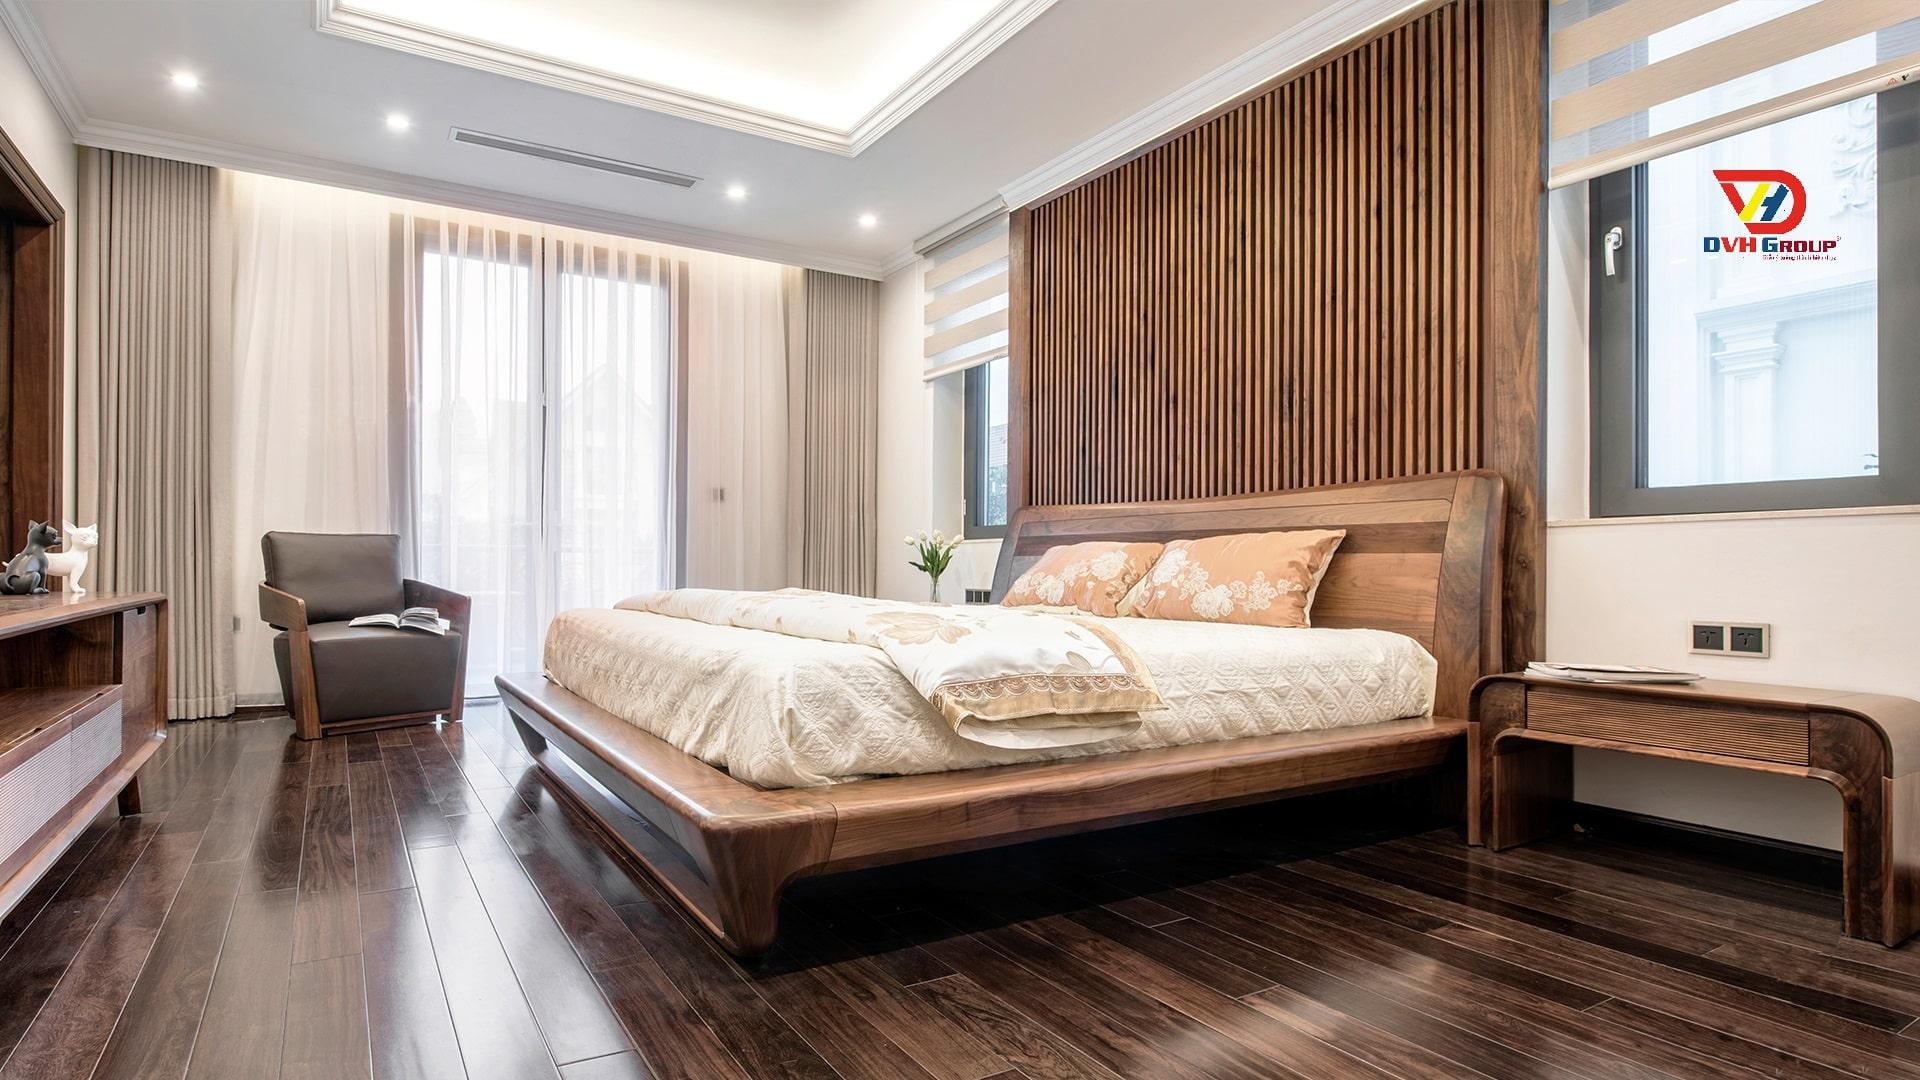 Nội thất phòng ngủ cho mẫu nhà ở đẹp